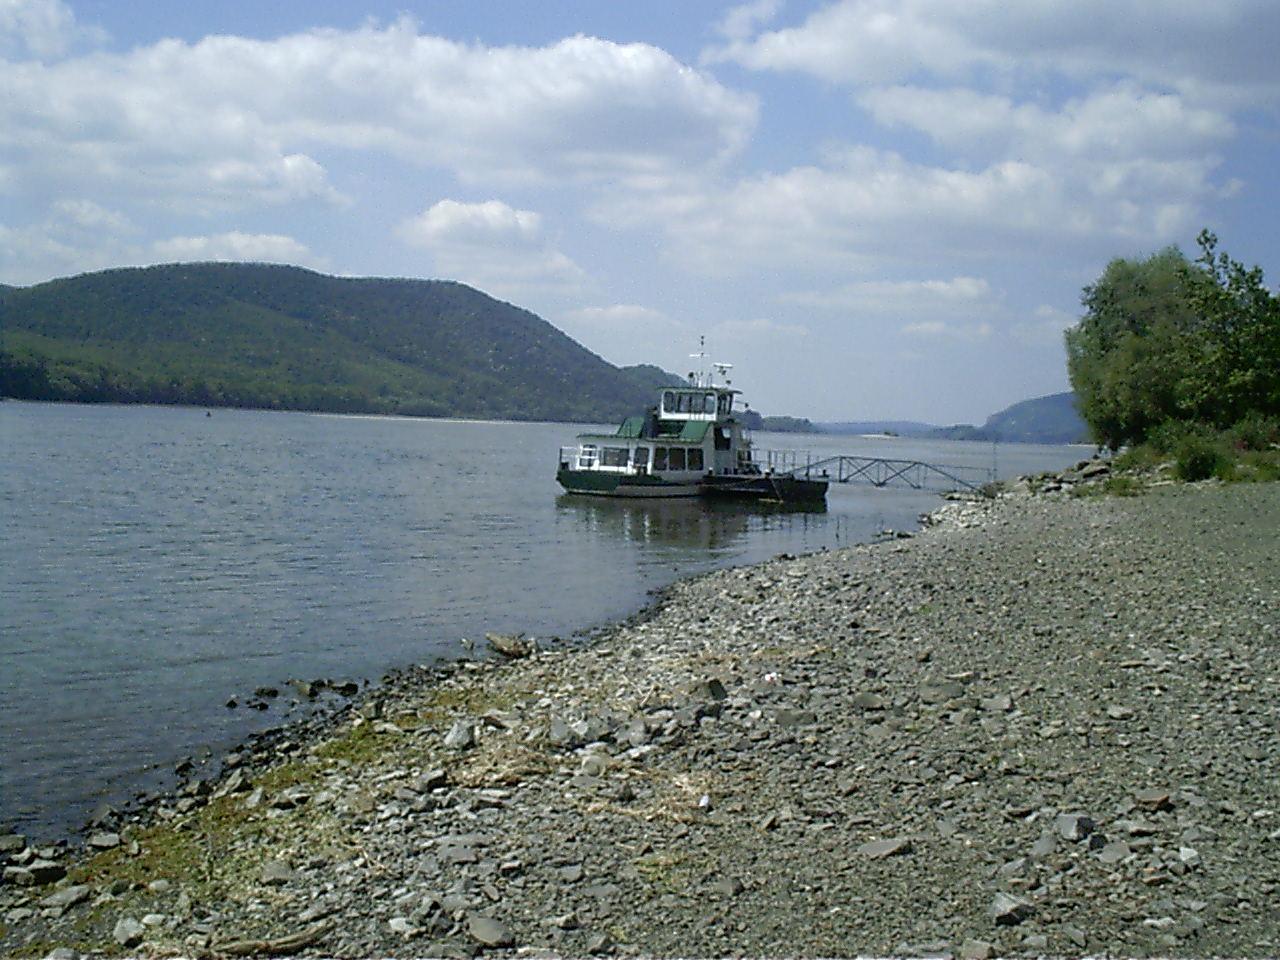 Lesétálván a Duna és az Ipoly összefolyásához, némileg módosítottunk a képen, a két folyó találkozása vadregényes tájat alakított ki,